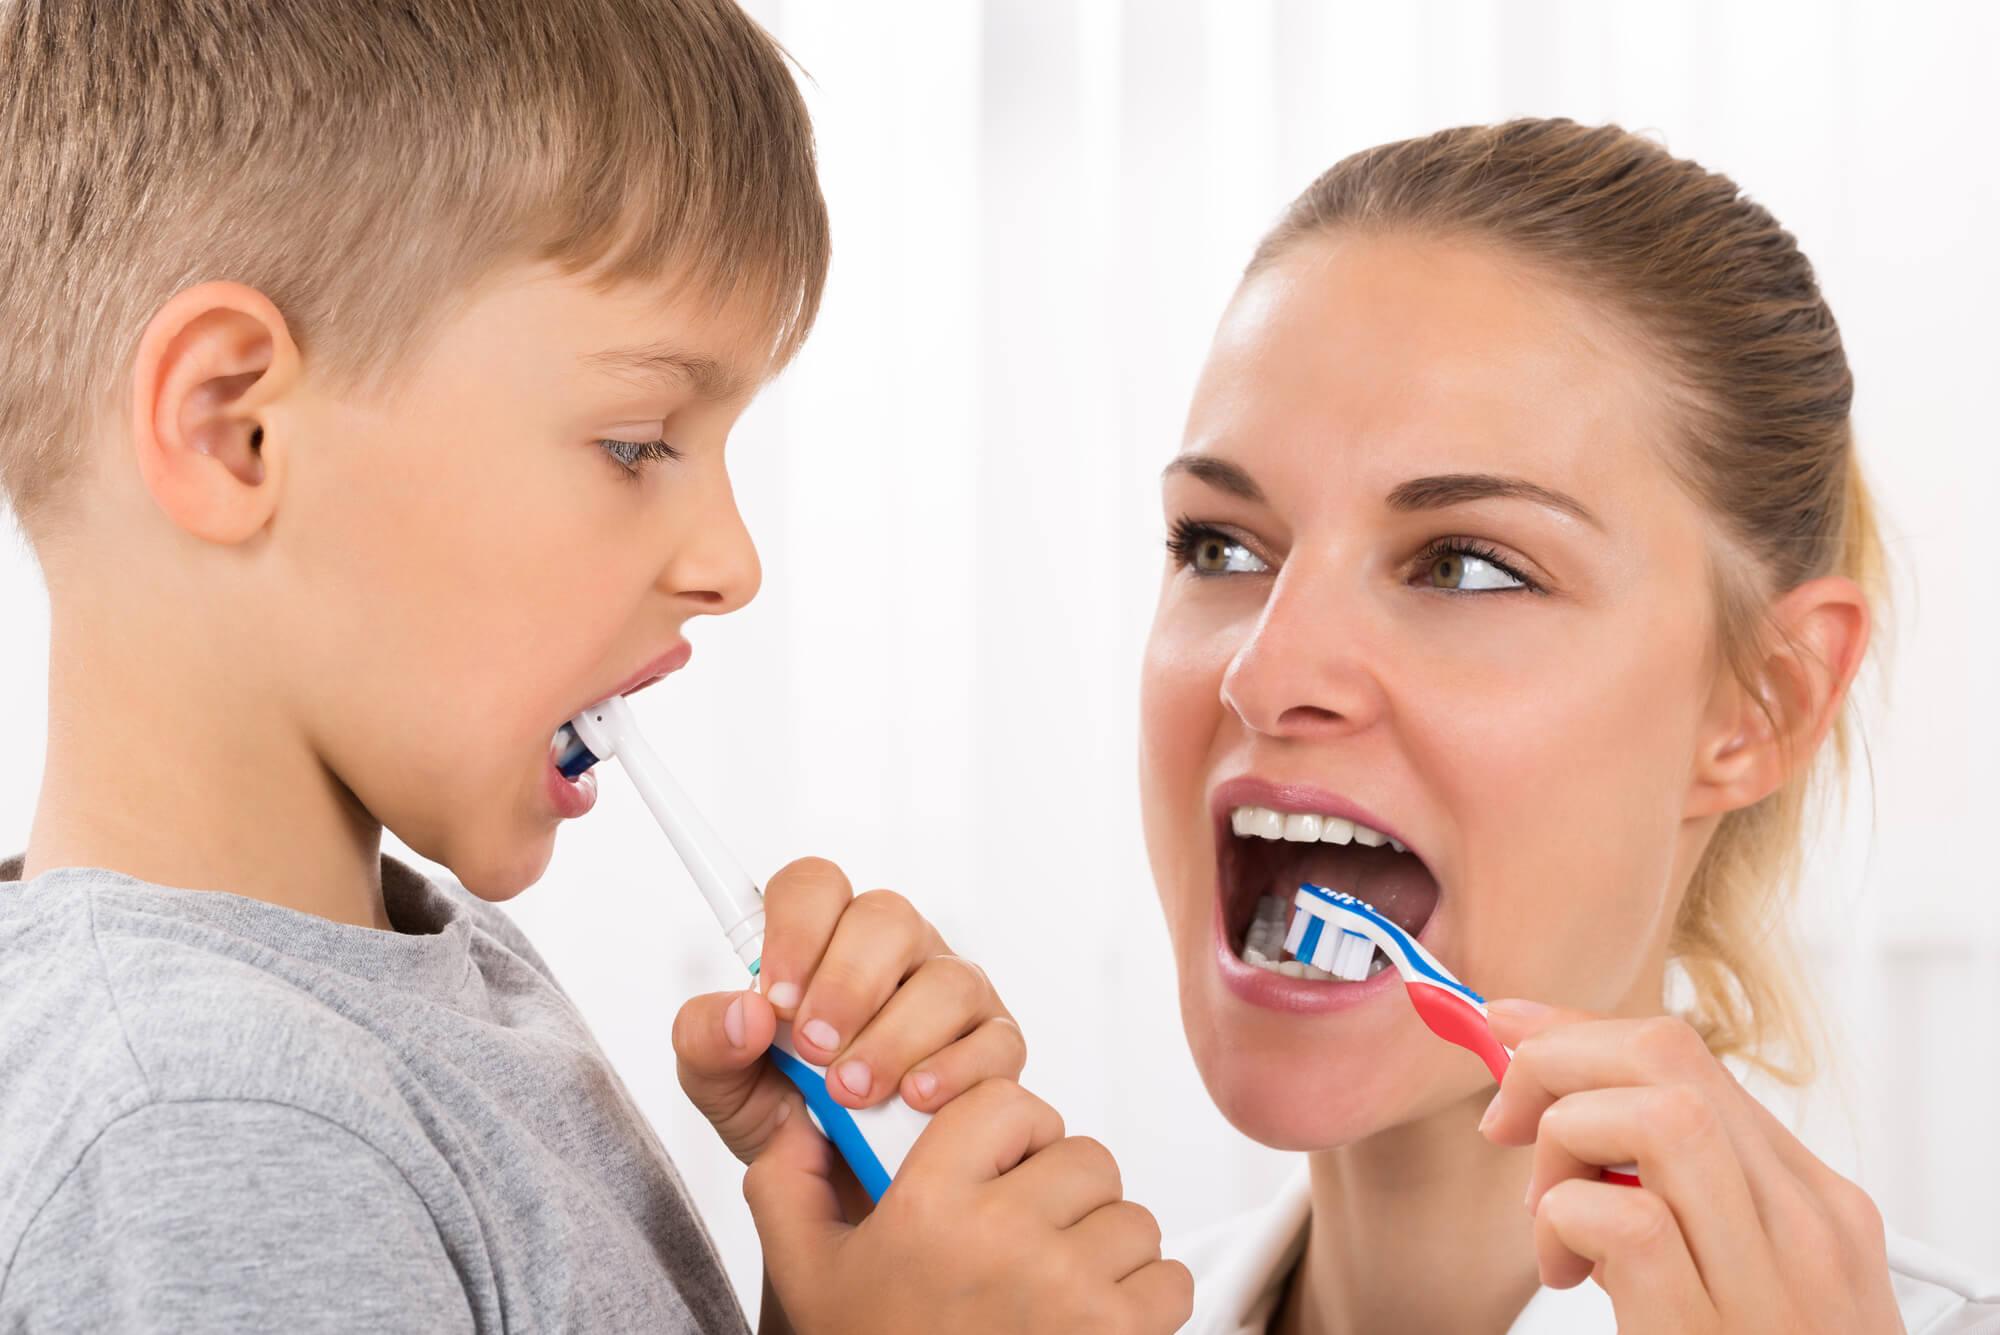 brushing teeth before seeing Certified Pediatric Dentist 10952